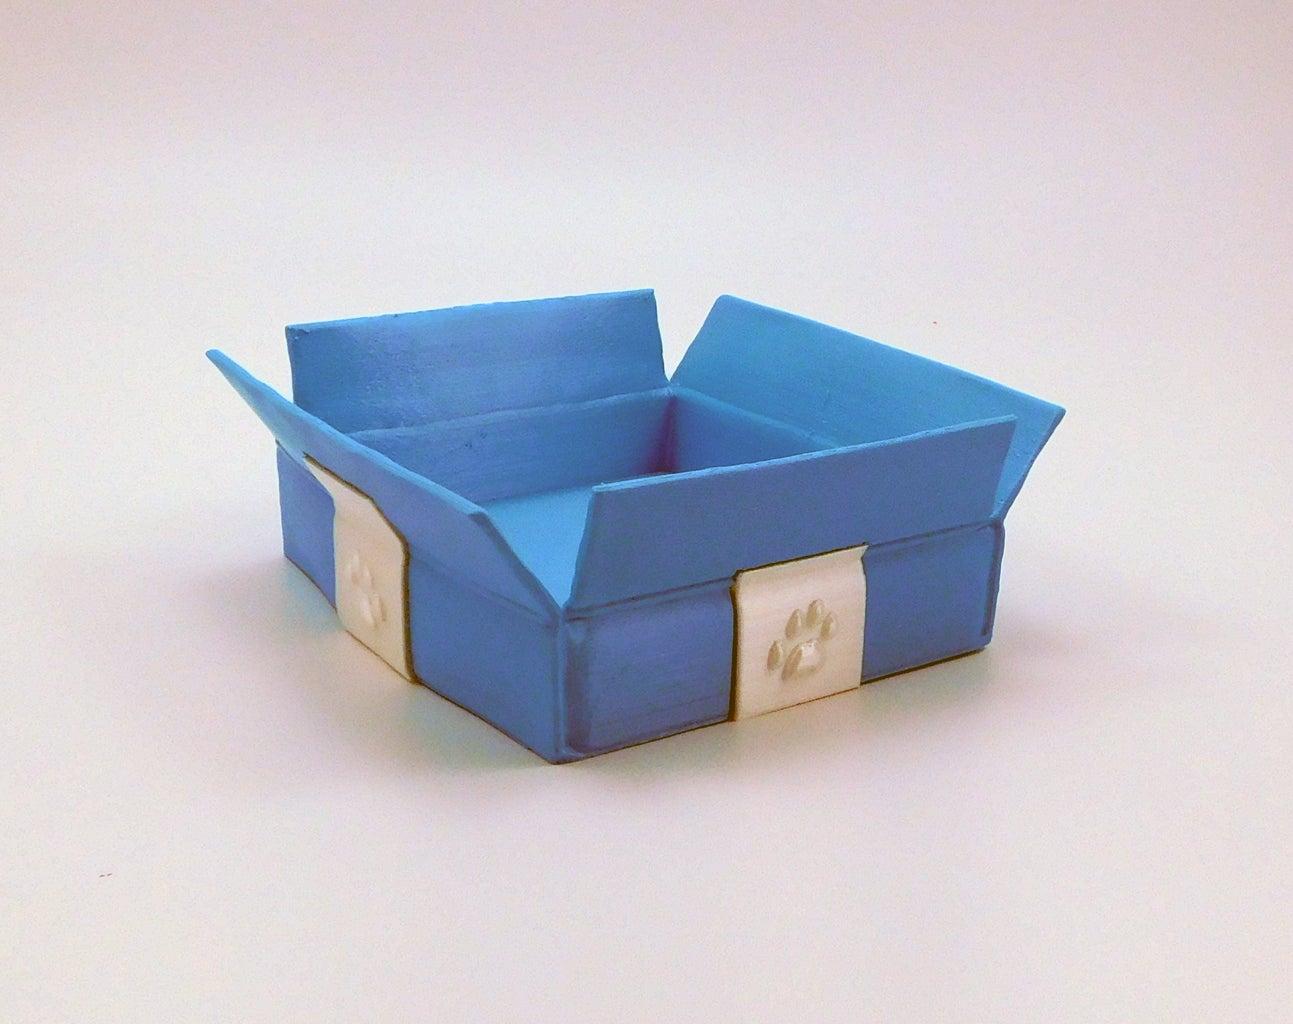 Model Assembly: Box